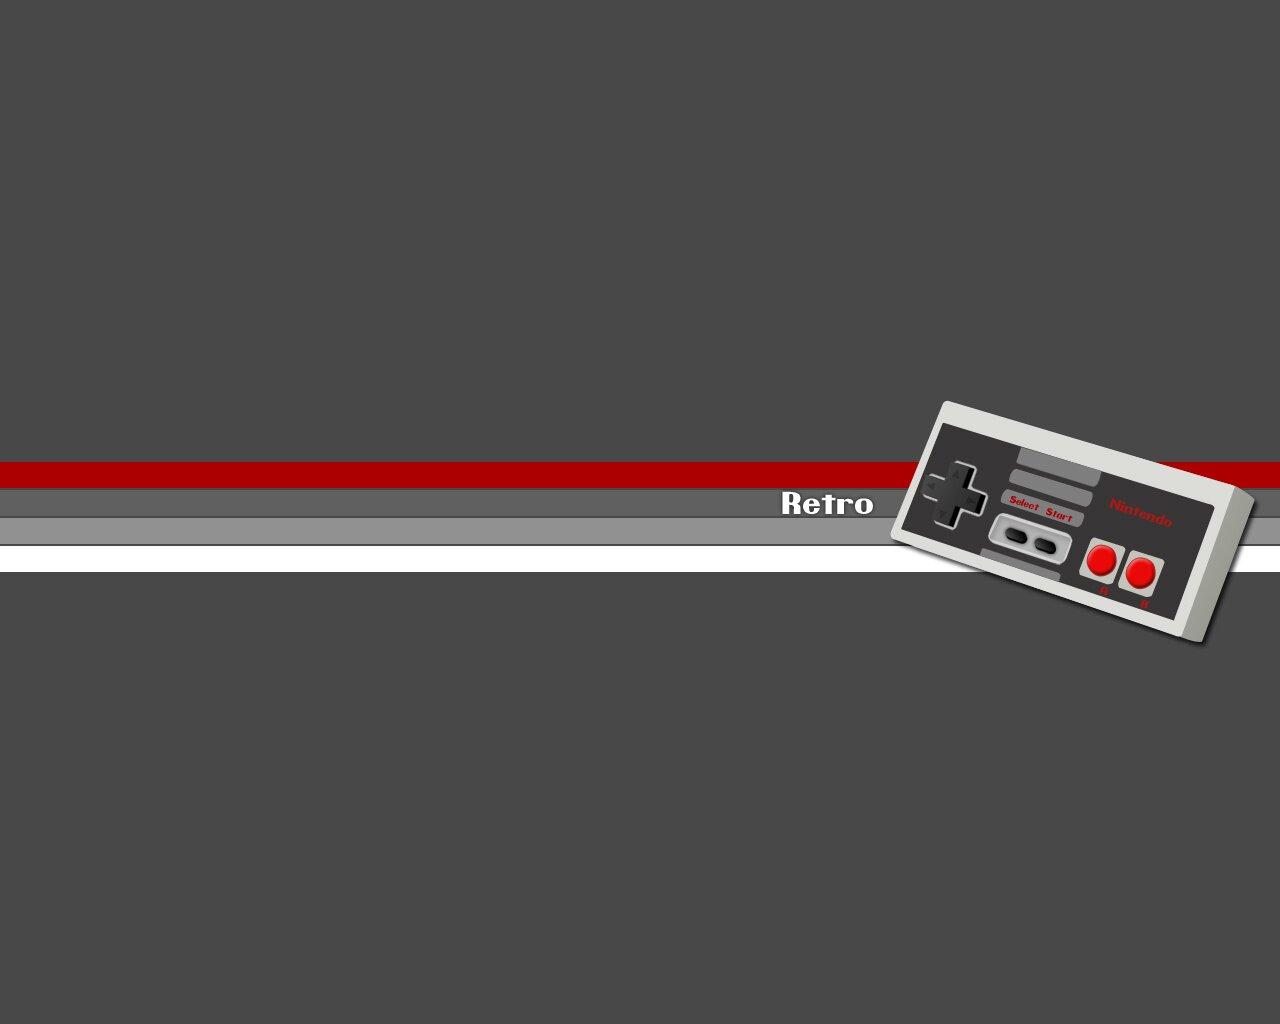 8 Bit Super Mario And Retro Pixels Wallpapers